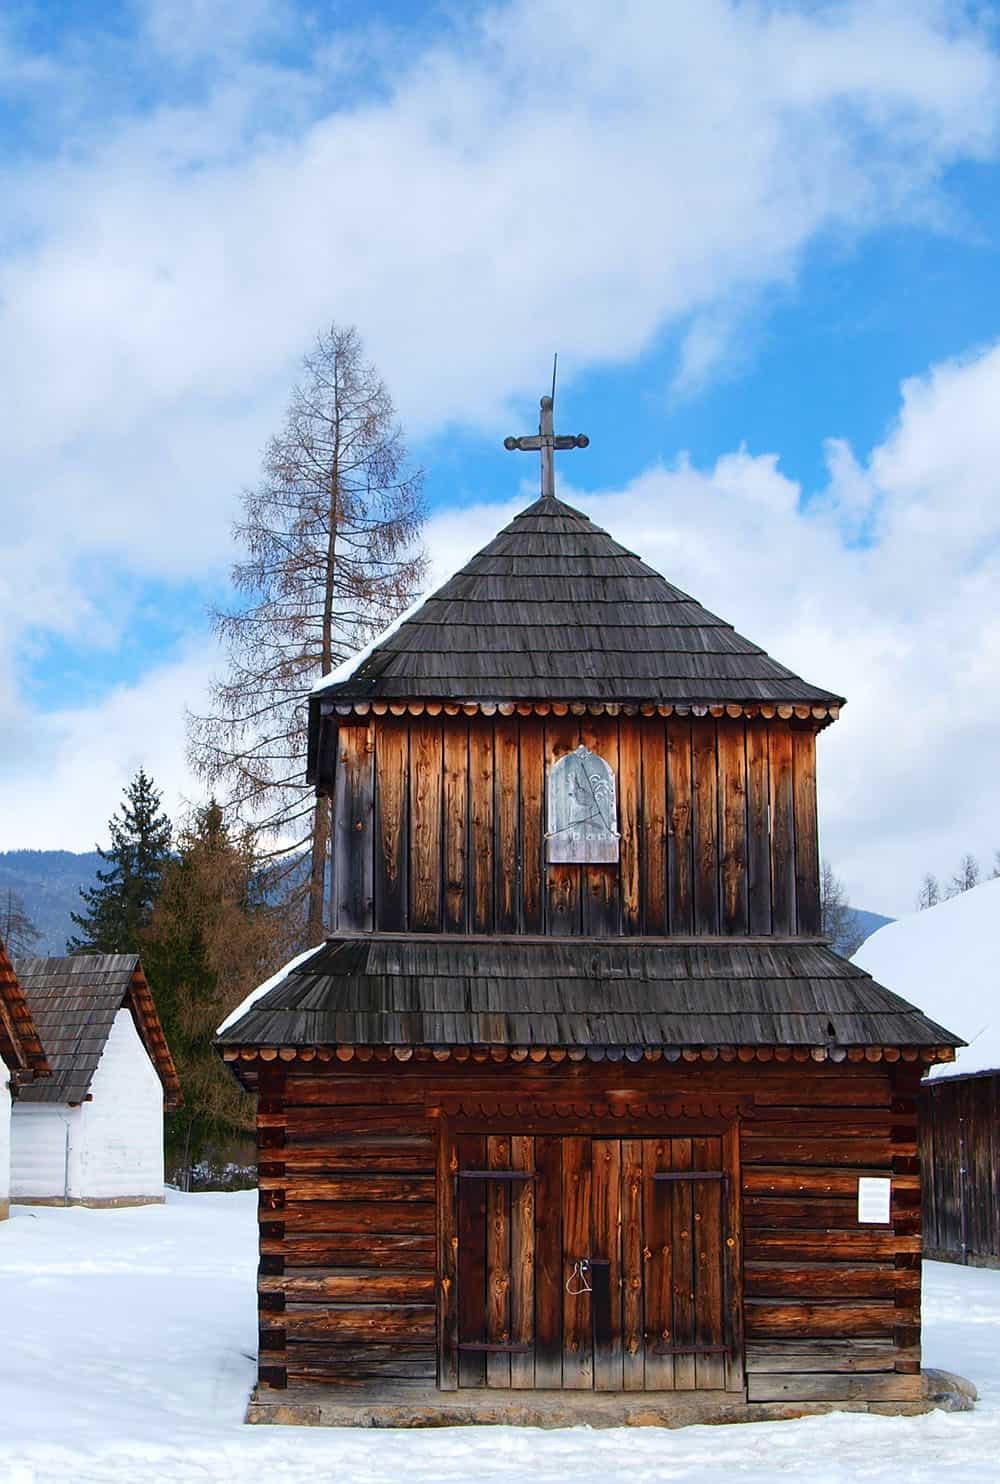 Ľudová architektúra - drevený kostol